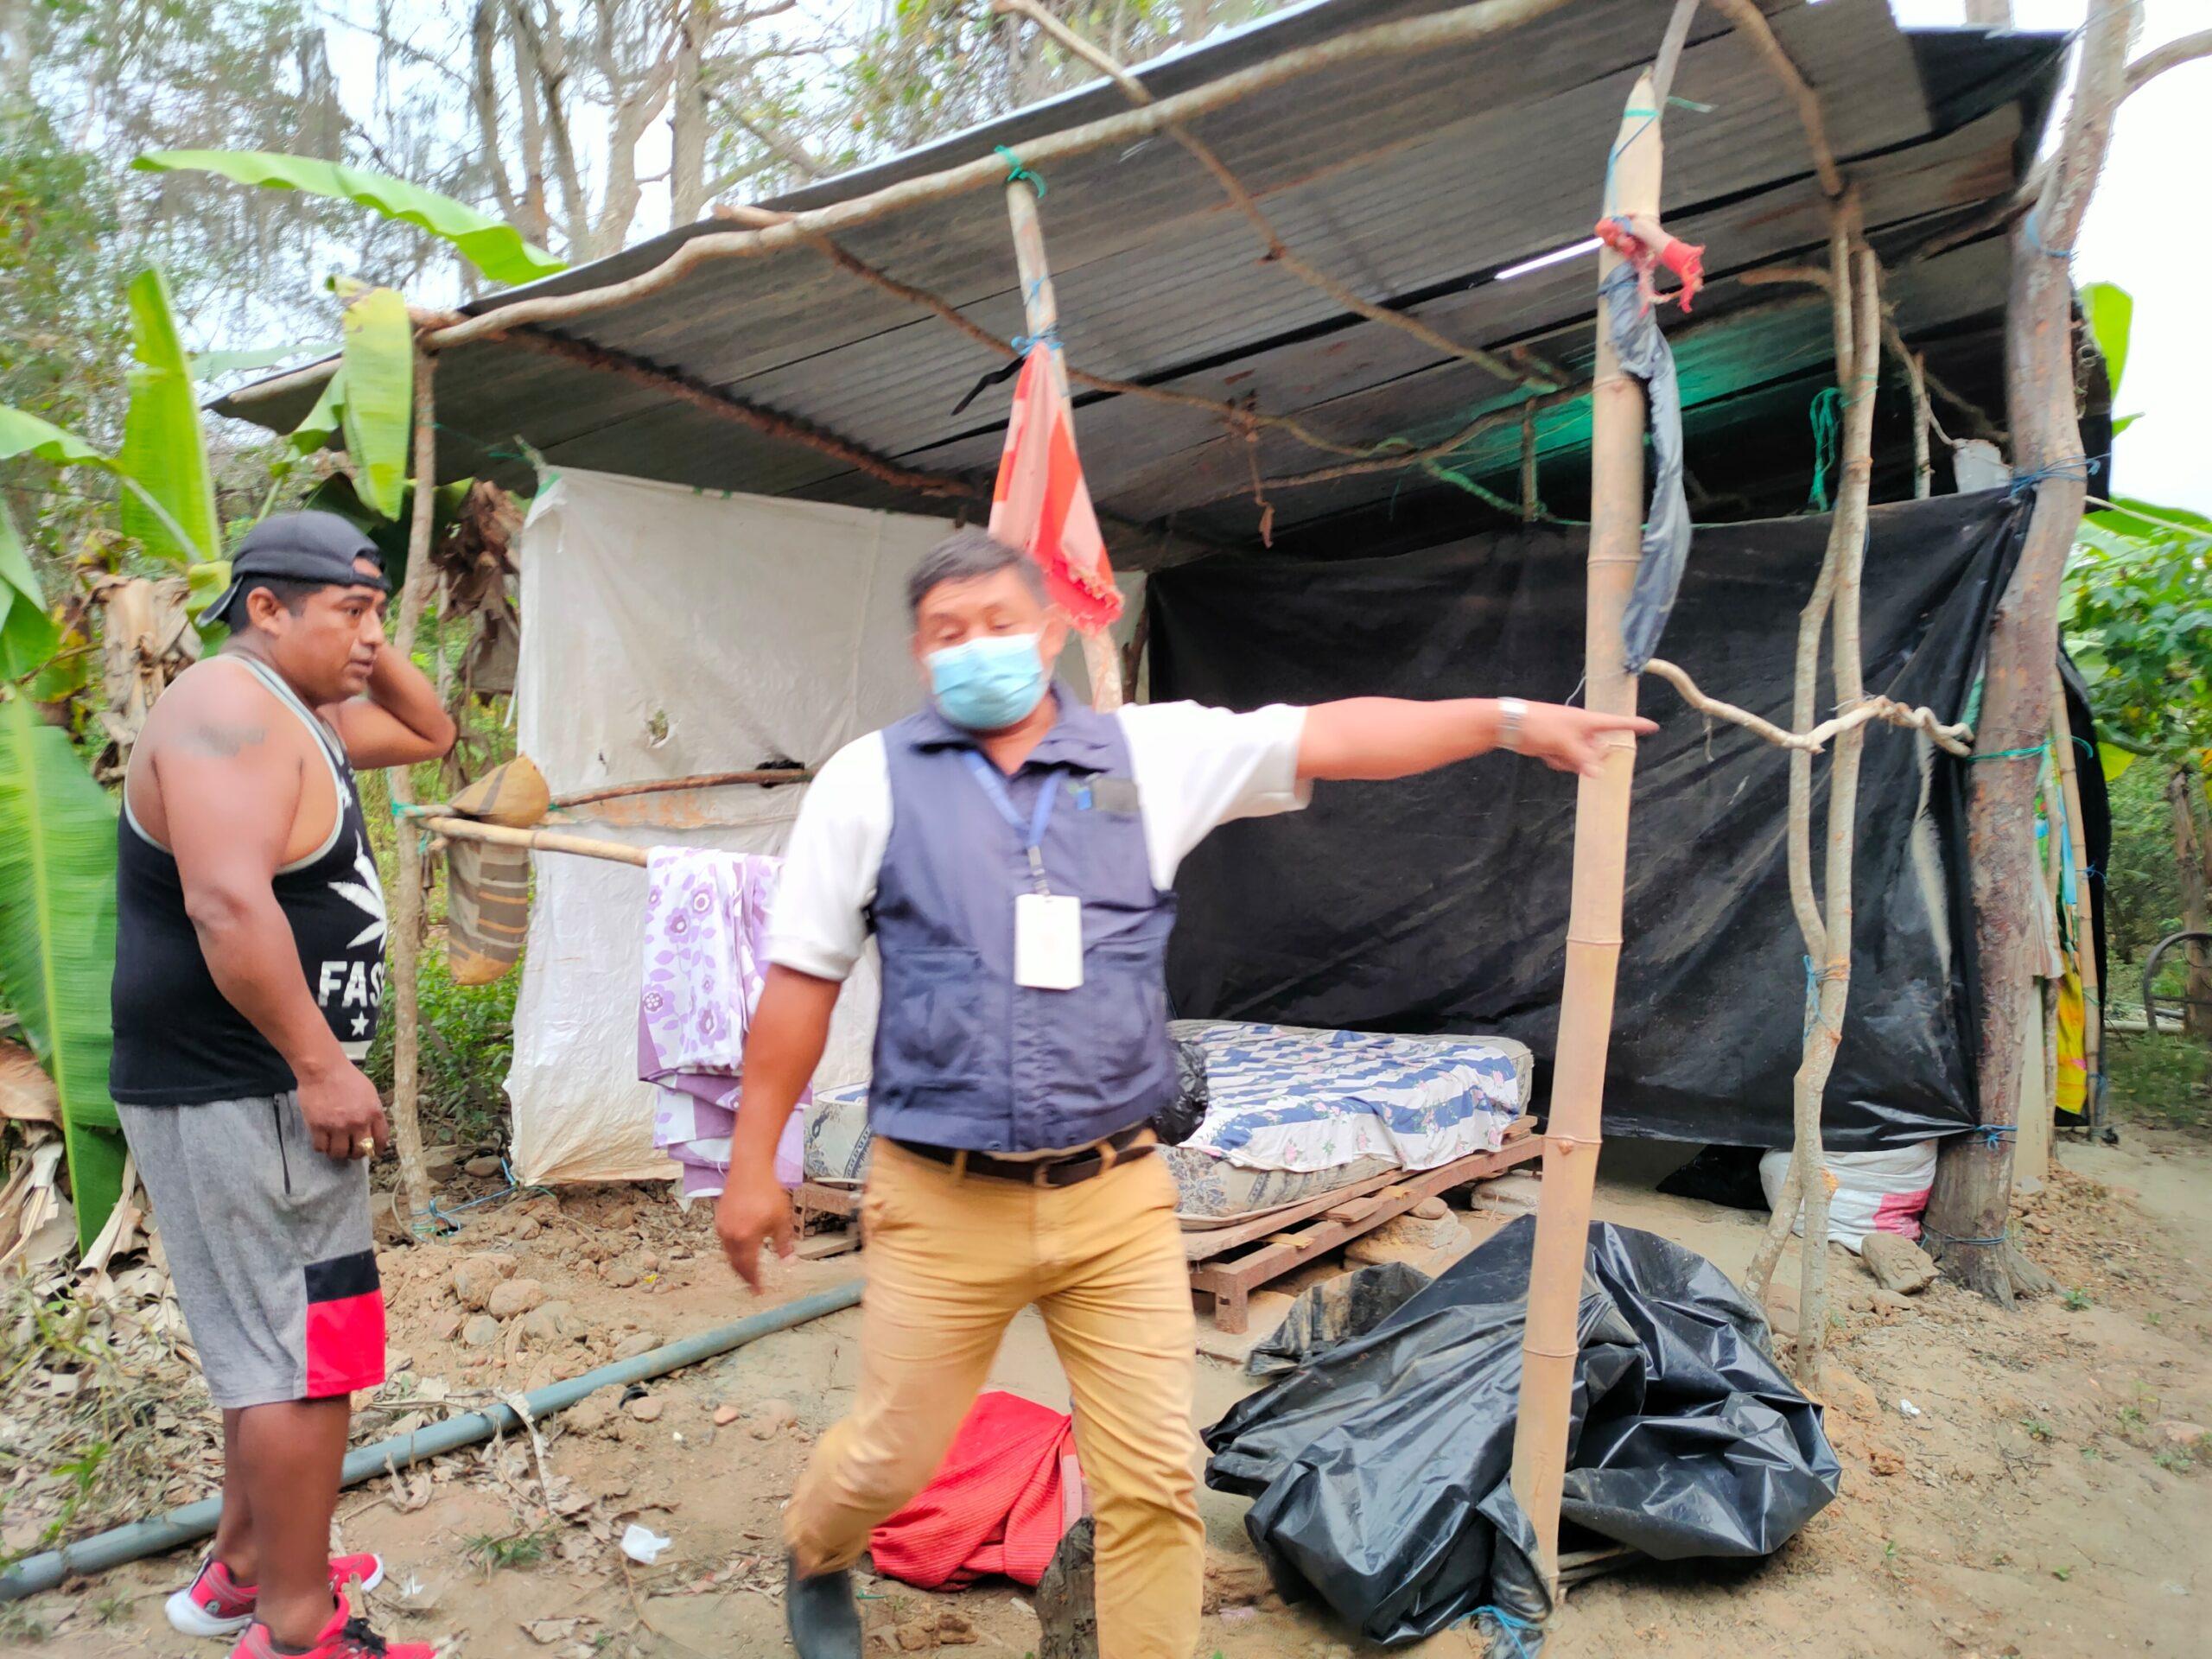 Establecimientos clandestinos fueron intervenidos en Puerto Bolívar y parroquia Chacras